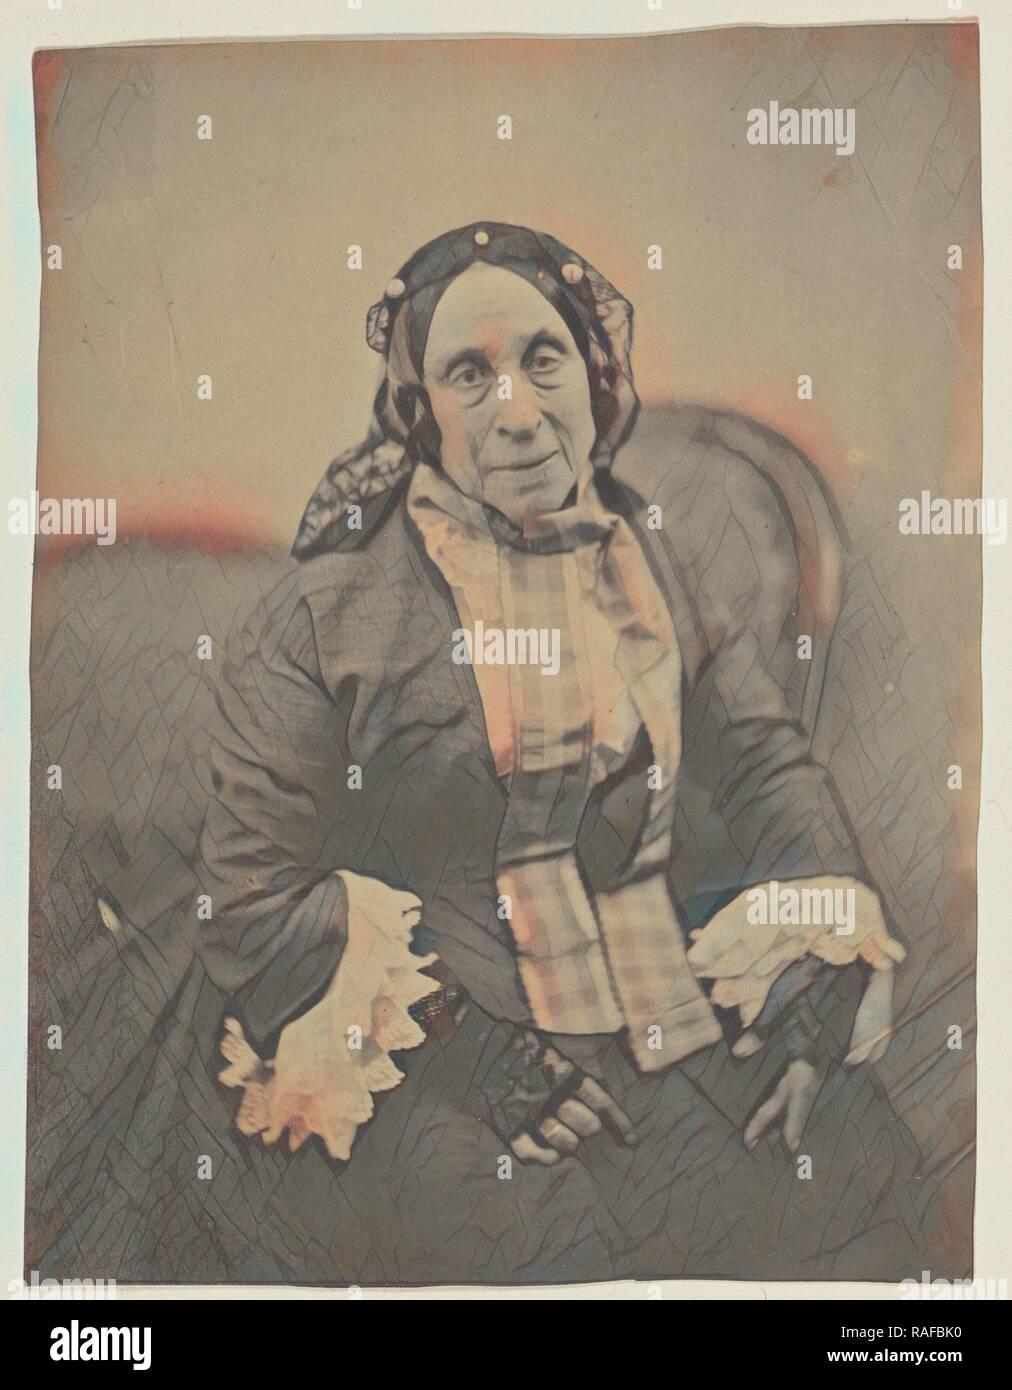 Marceline Desbordes-Valmore, Nadar, Gaspard Felix Tournachon (Französisch, 1820-1910), 1854, gesalzen Papier drucken, 19,6 x Neuerfundene Stockbild